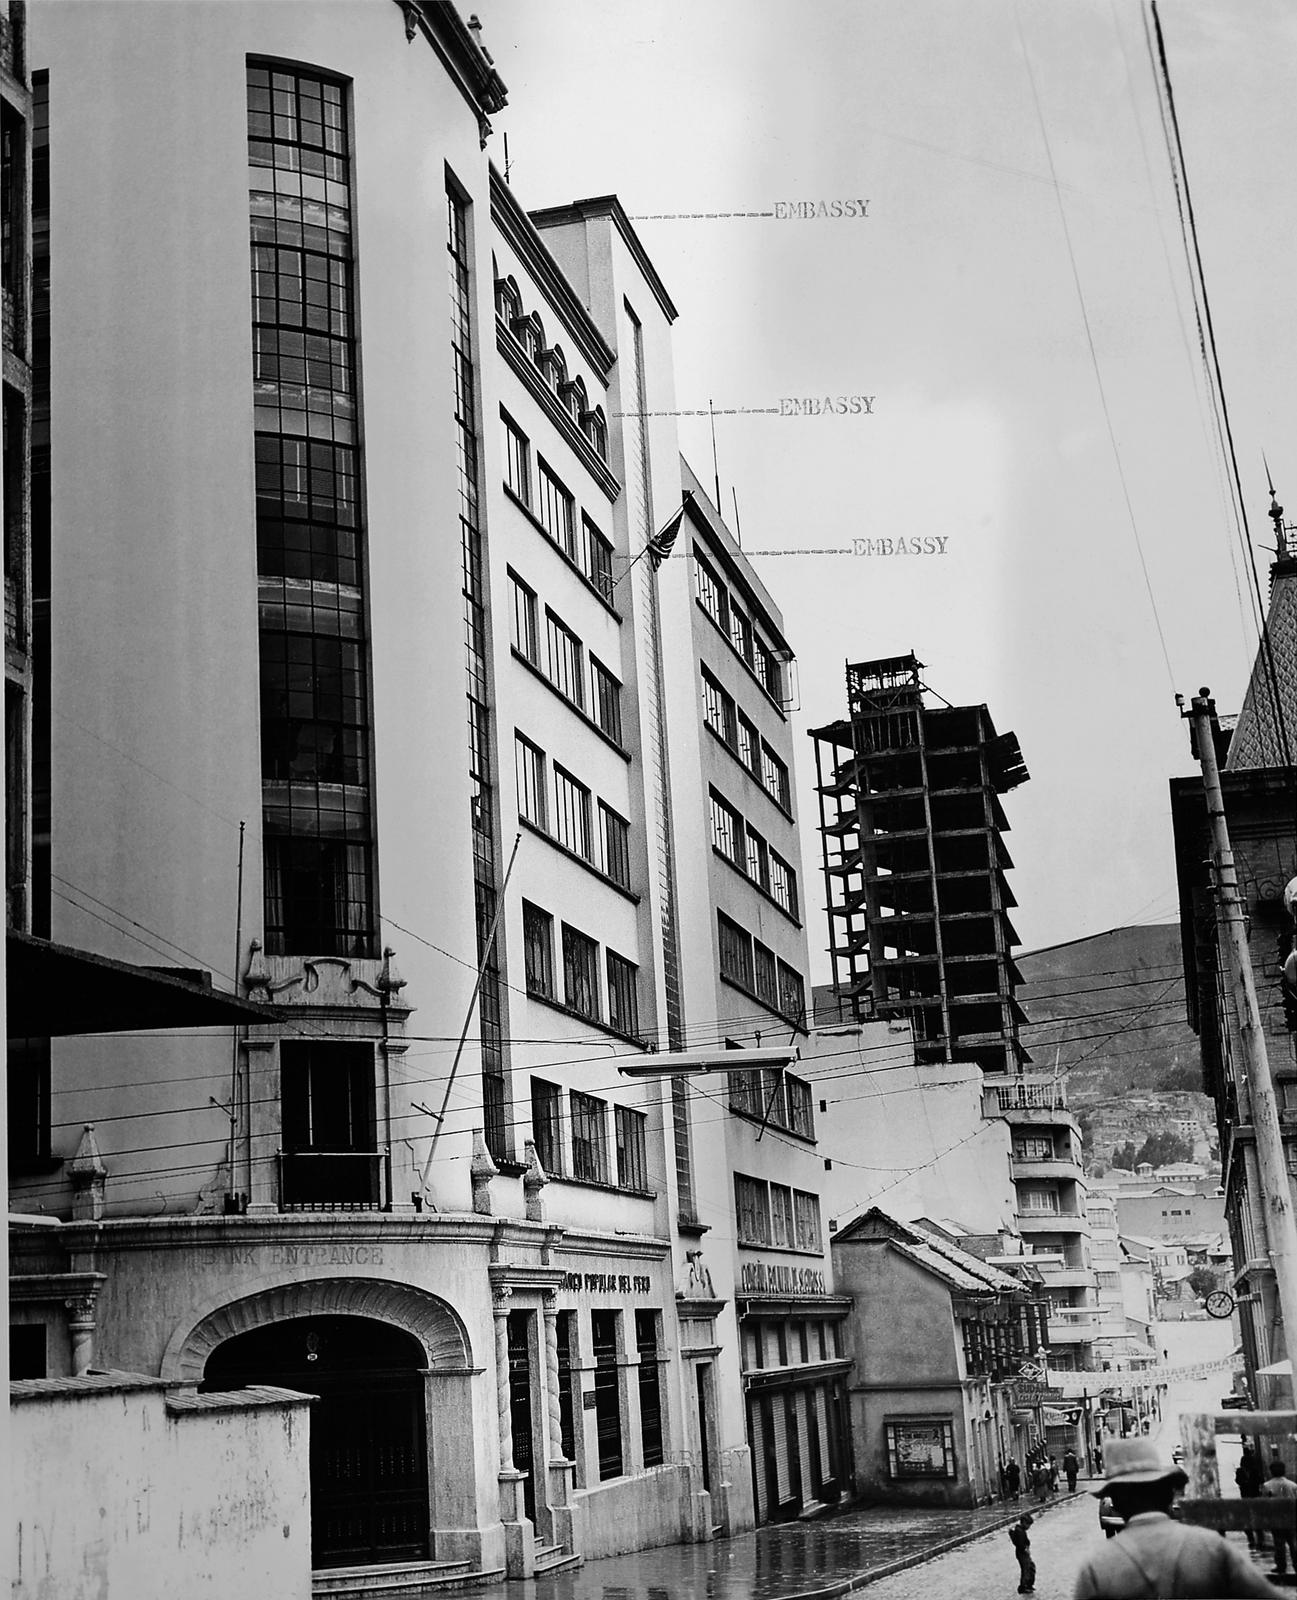 La Paz - Chancery Office Building - 1962